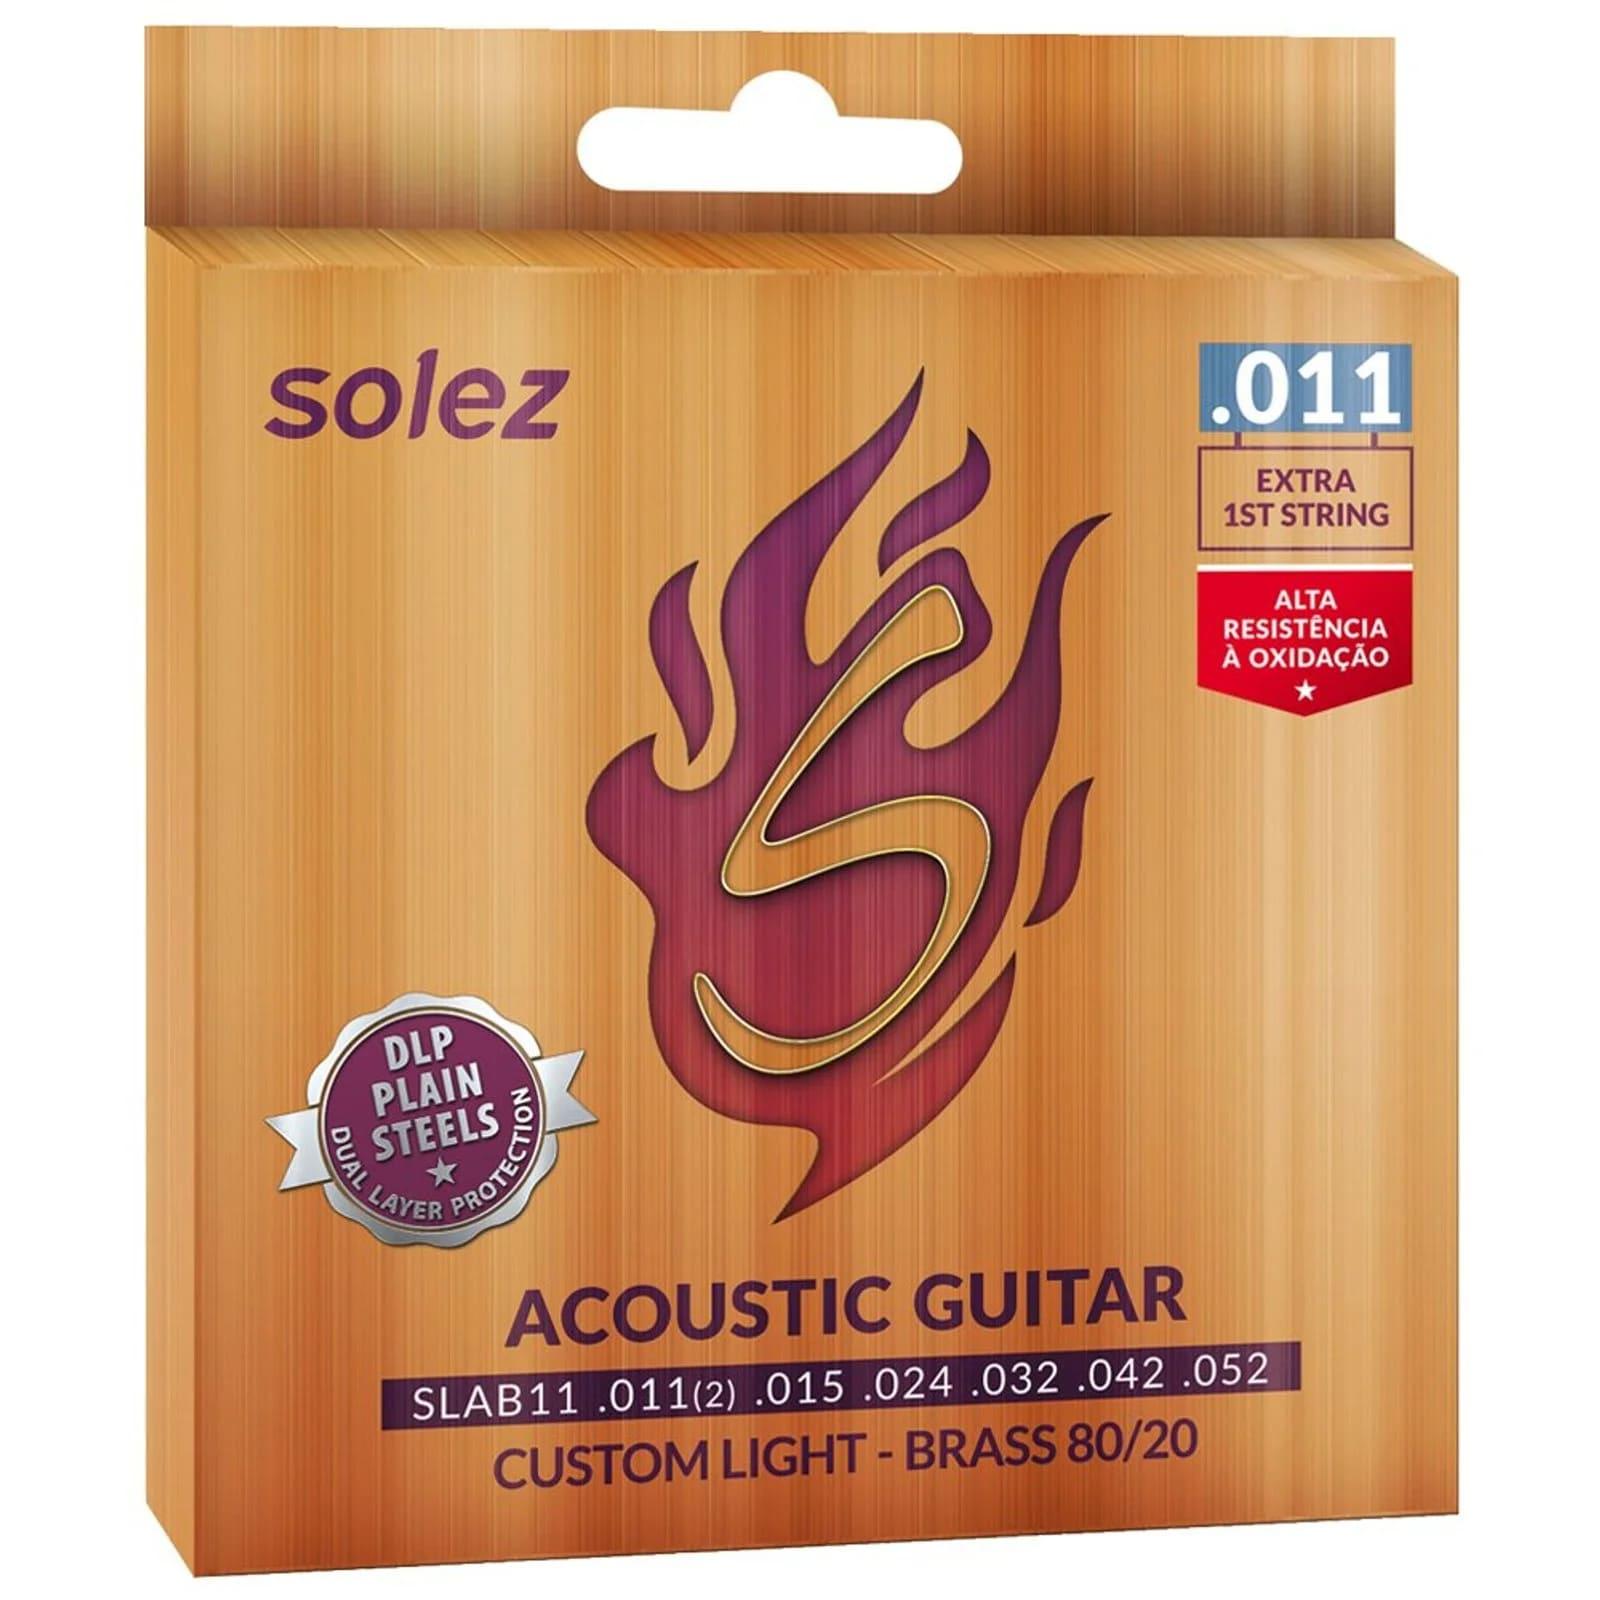 Cordas SLAB11 Solez Aço para violão - Tensão leve .011 Bronze 80/20